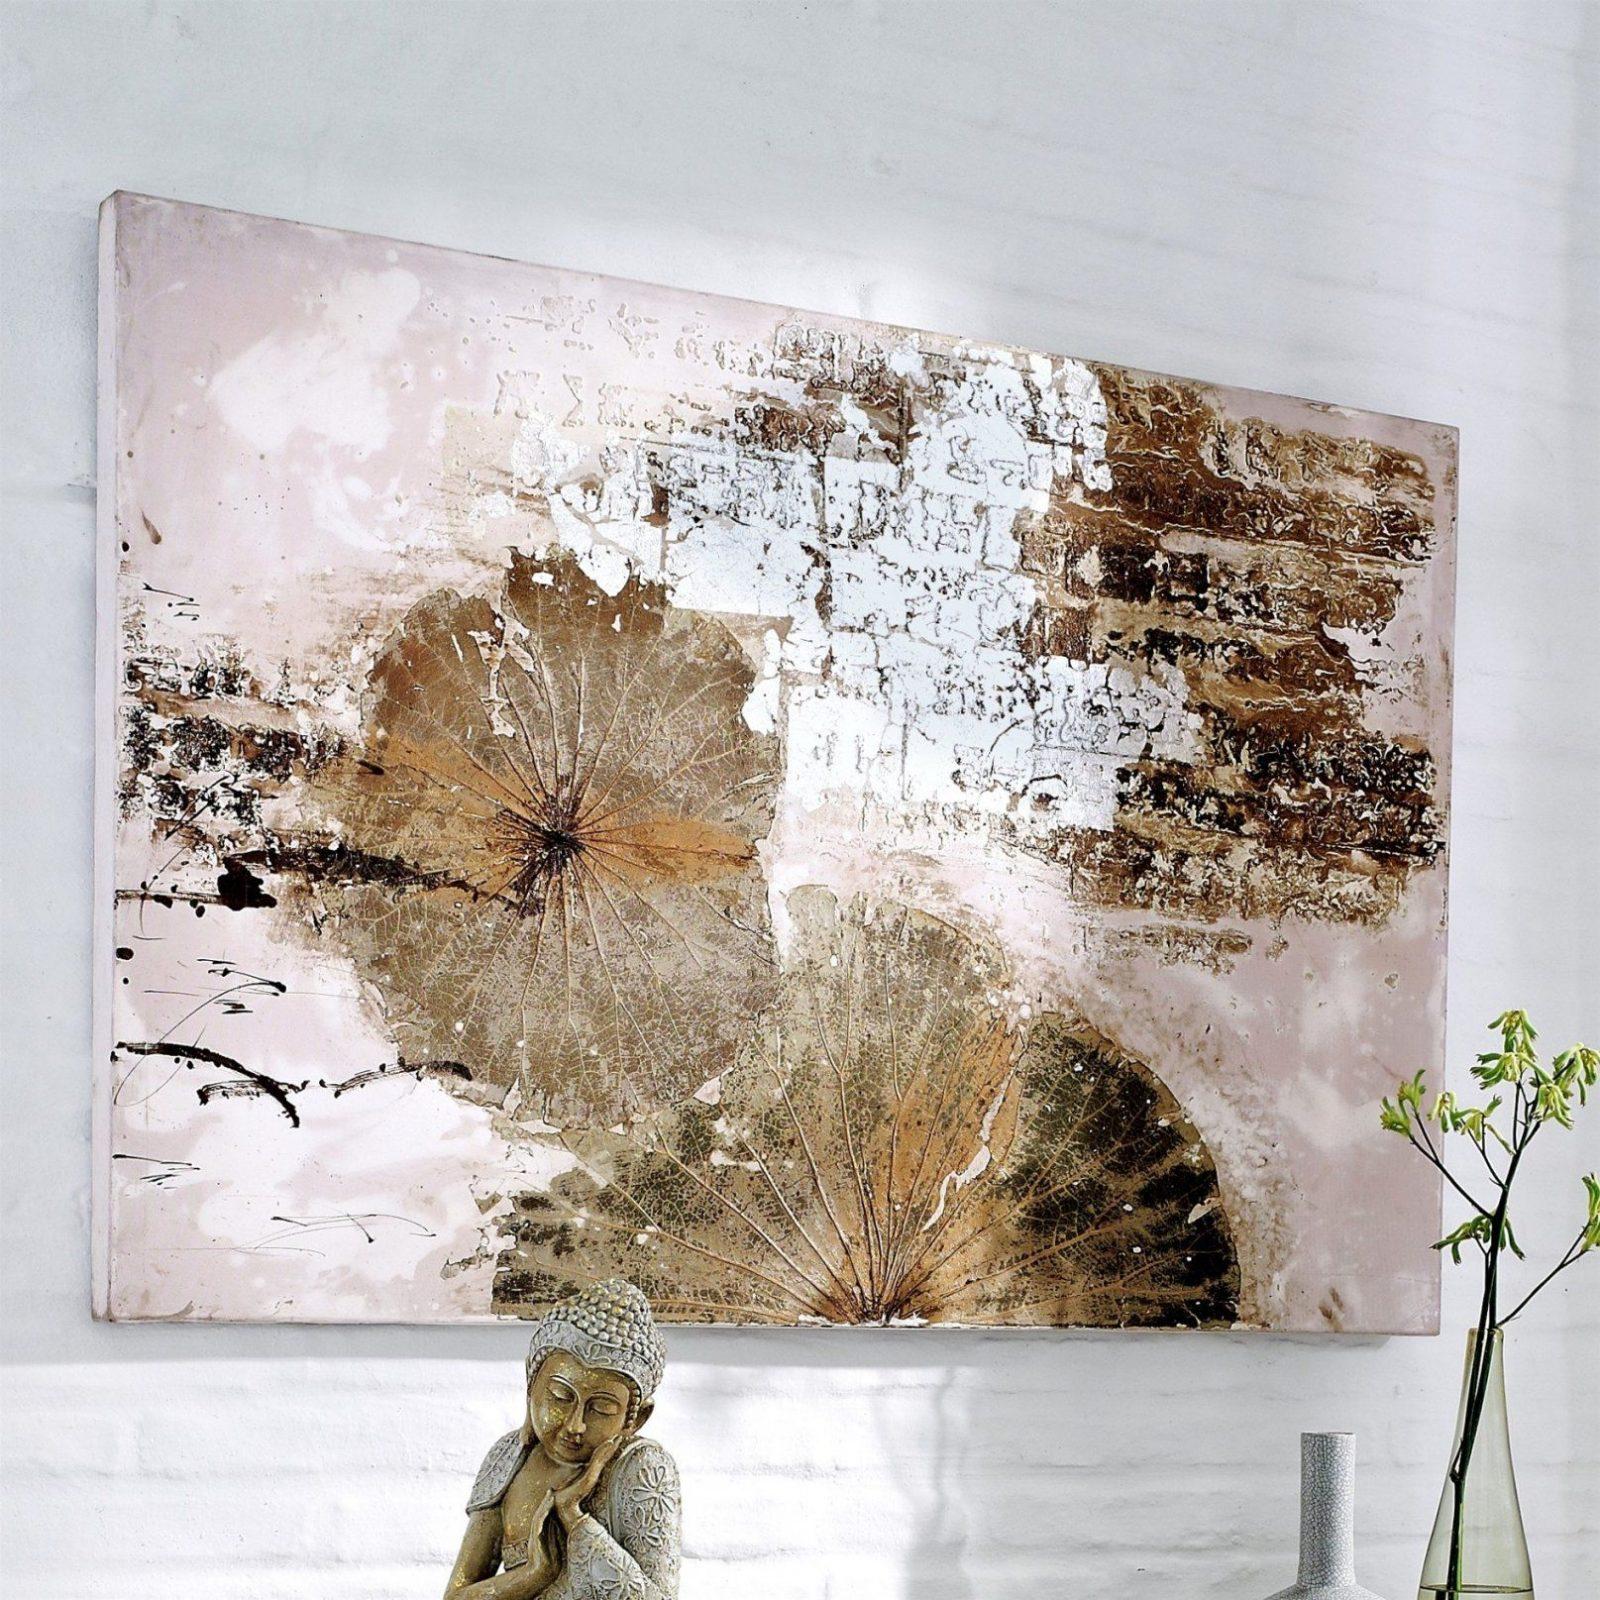 Beeindruckend Bilder Fürs Wohnzimmer – Eyesopen Für Grosse Bilder von Grosse Bilder Fürs Wohnzimmer Bild